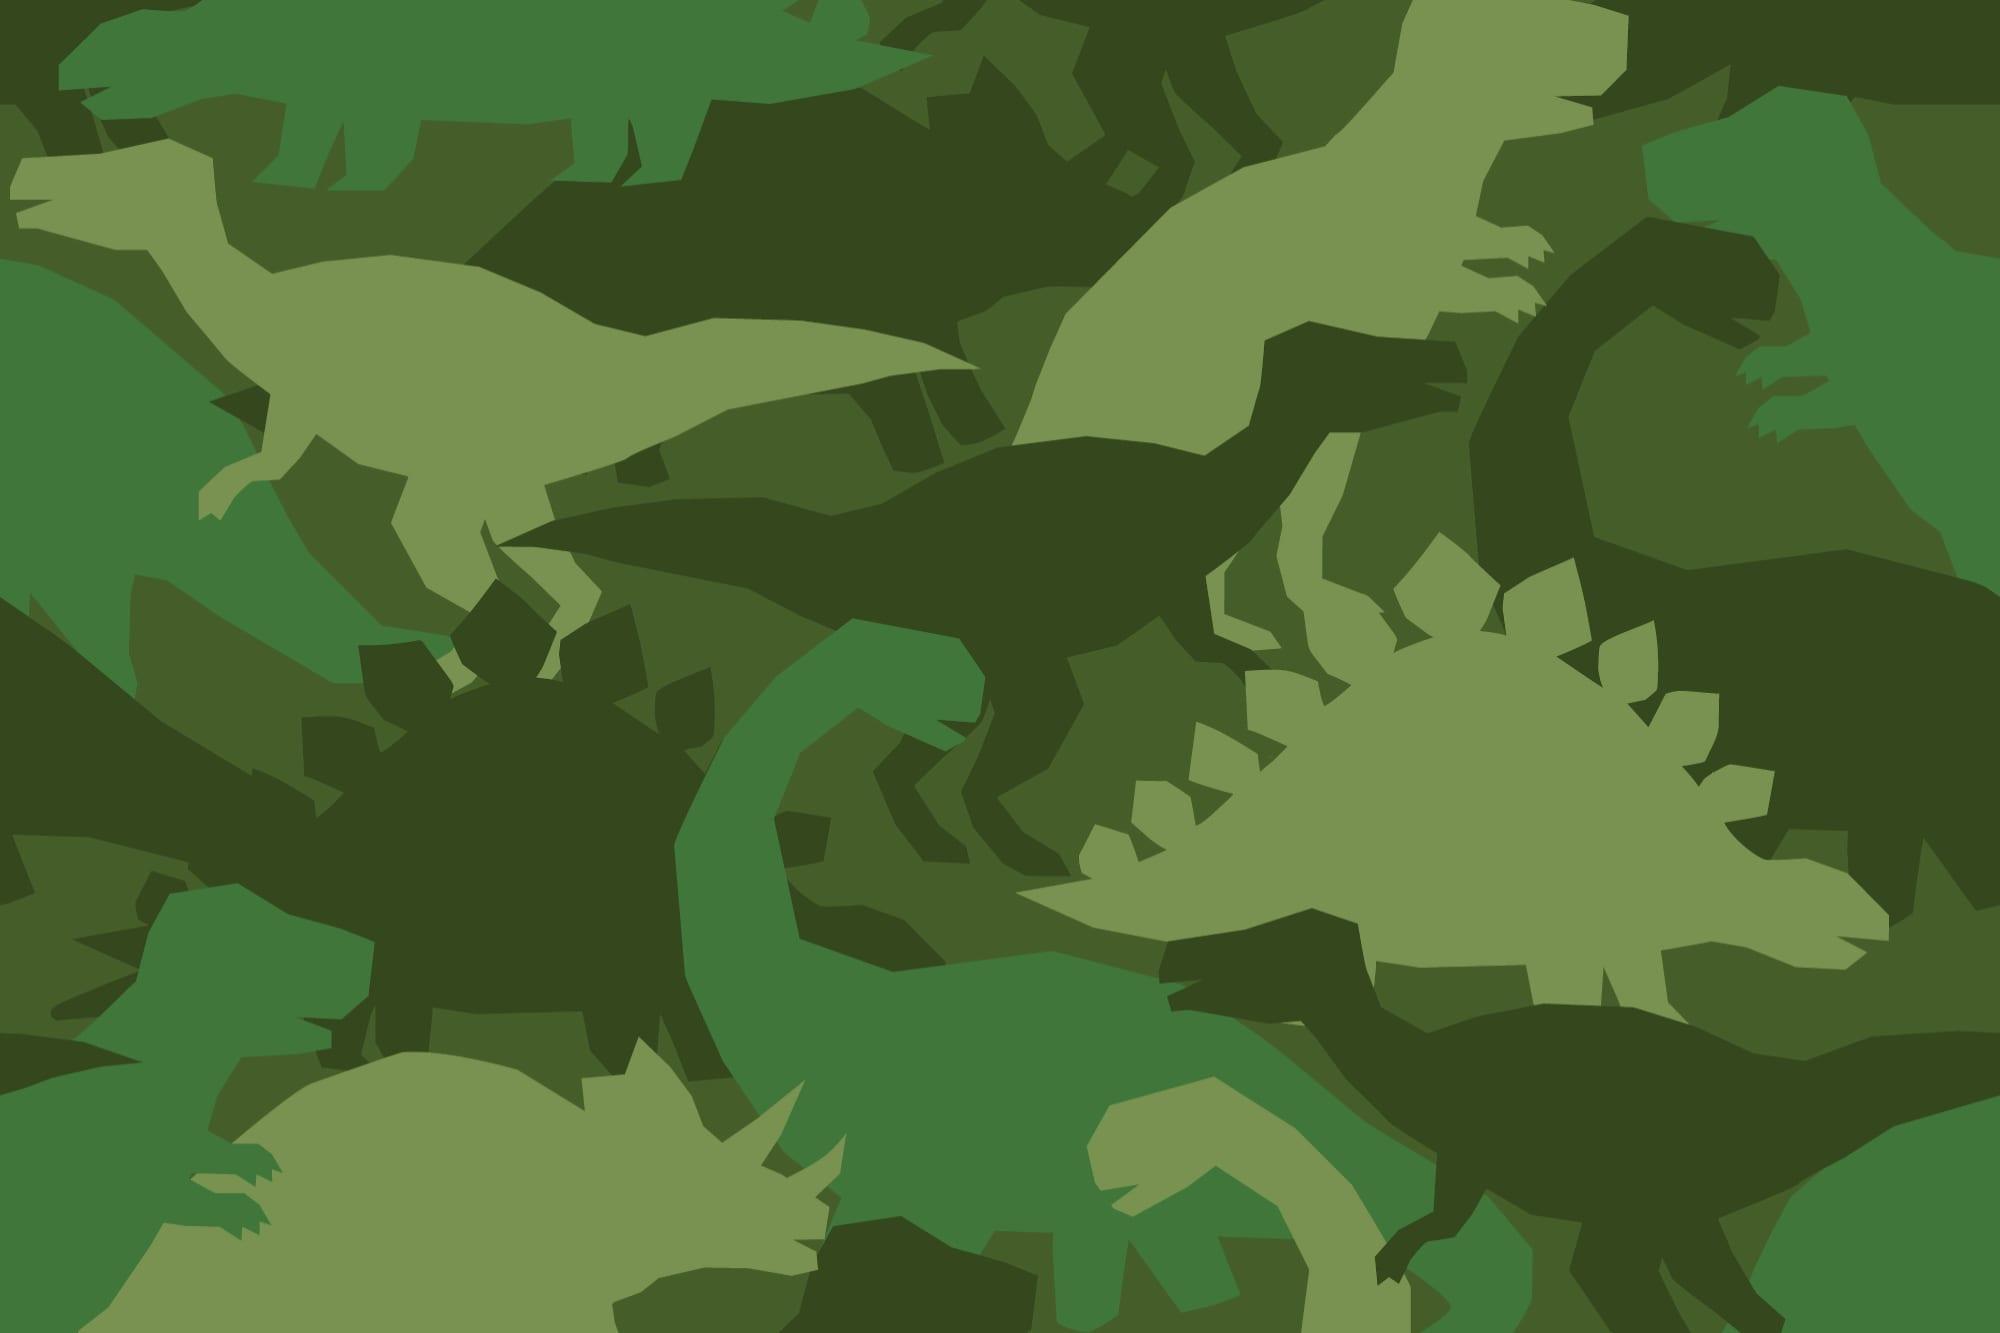 Dinosaur pattern green